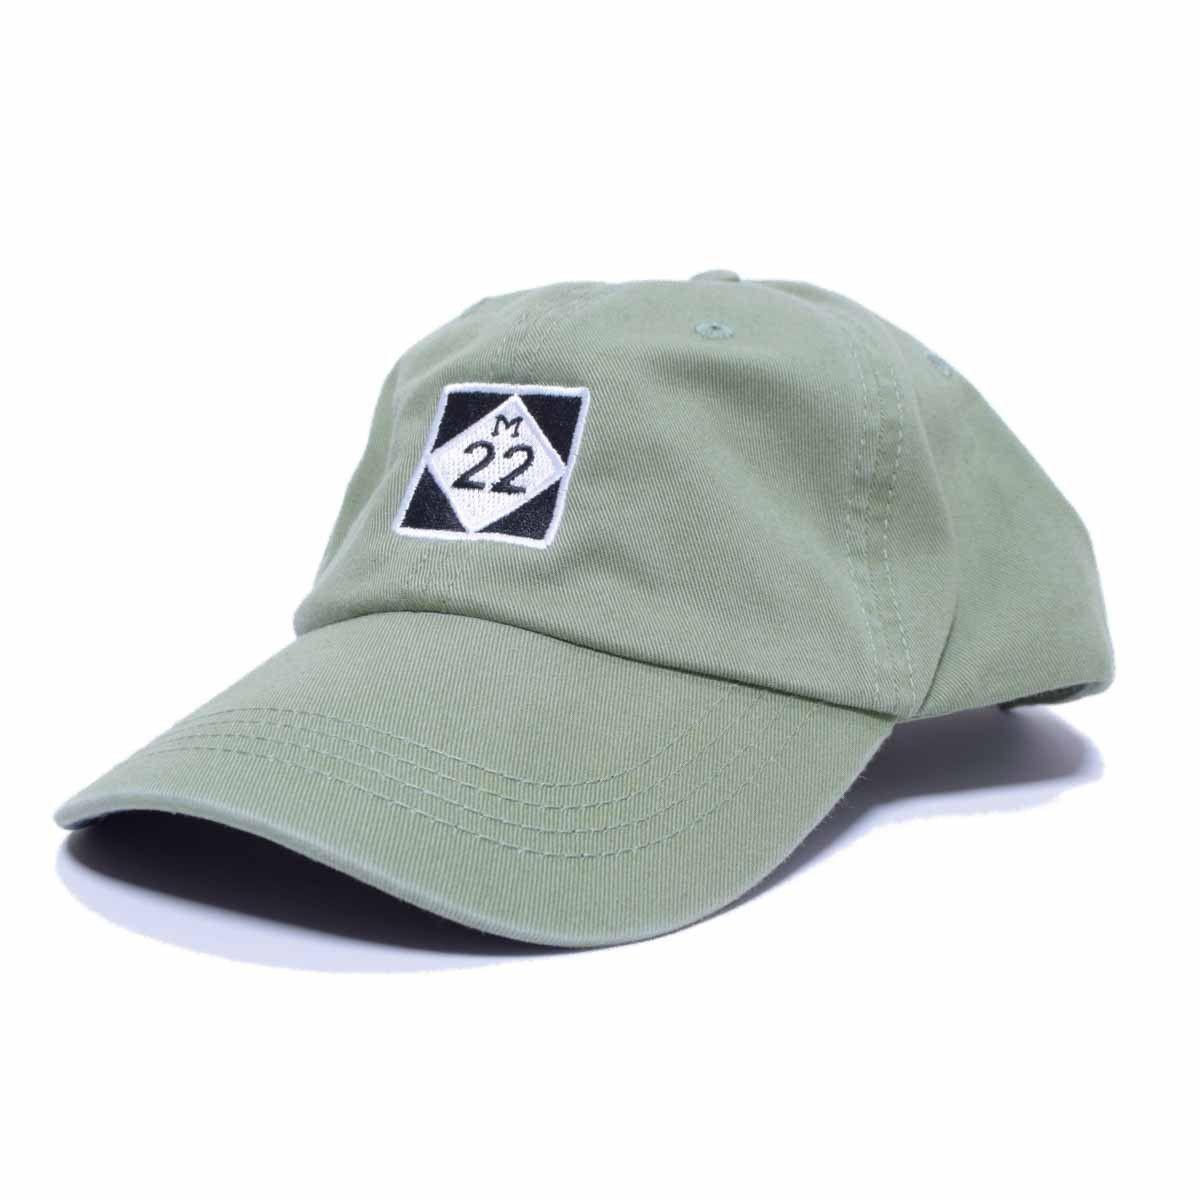 5d4b1000b3f M22 CLASSIC GOLF HAT